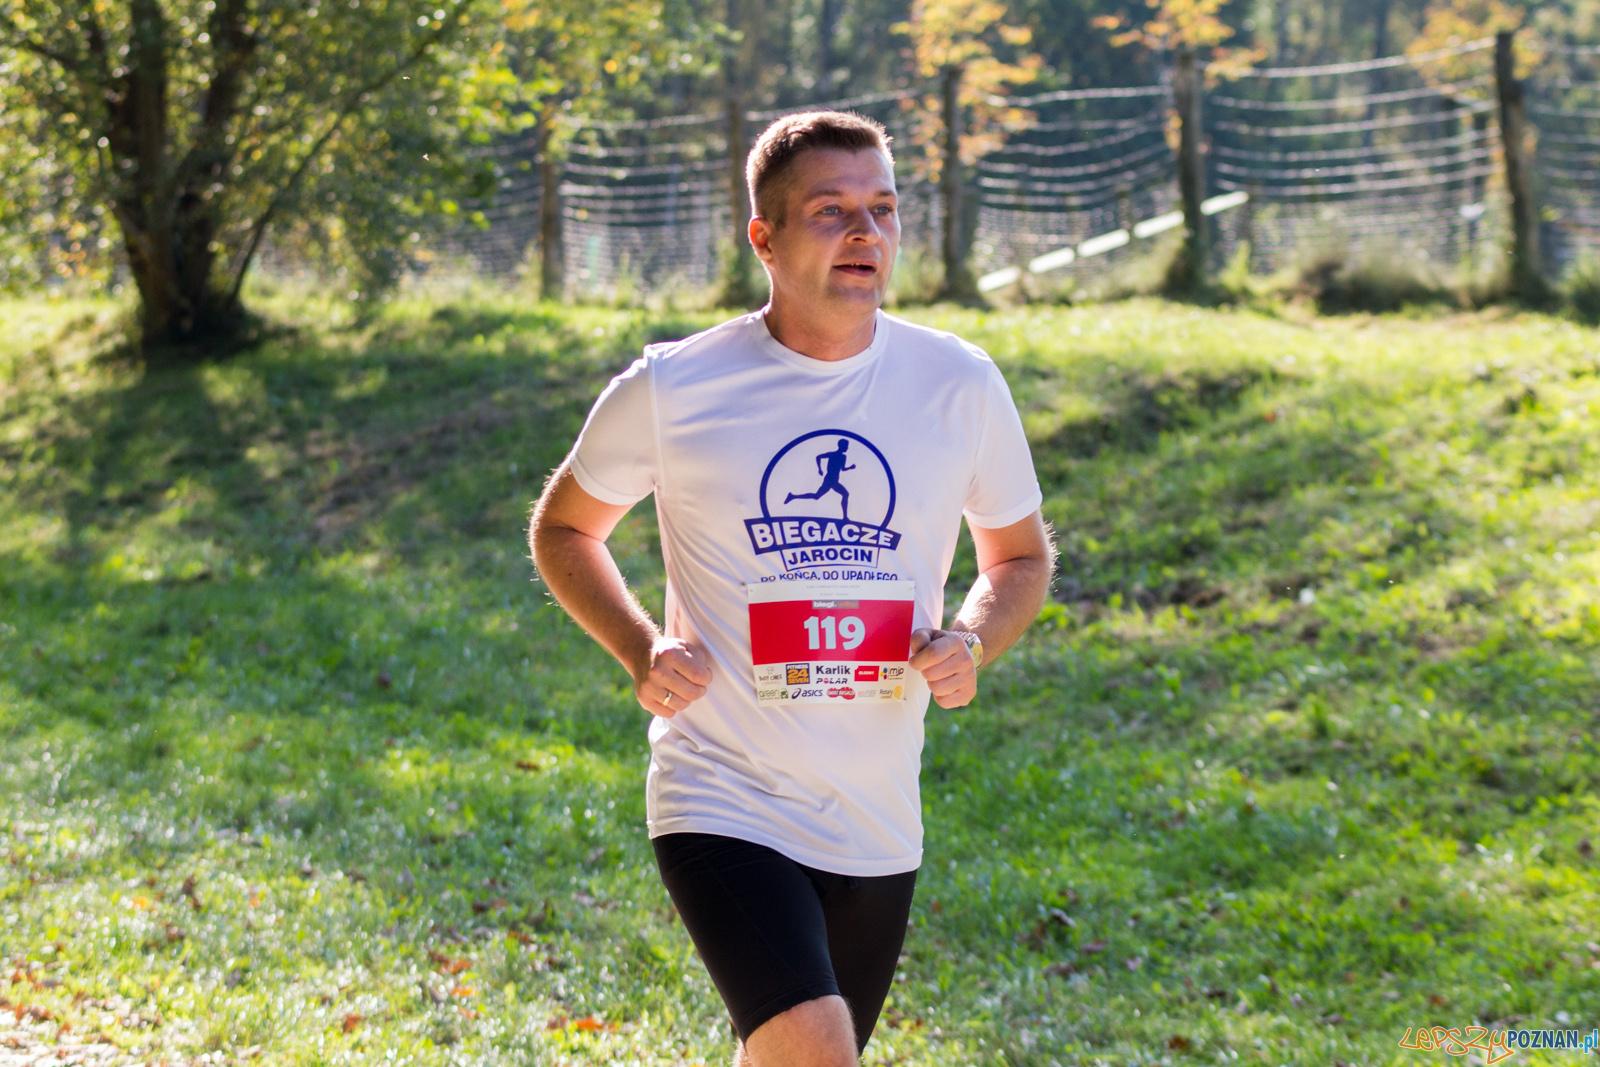 II Bieg dla Onkoludków  Foto: lepszyPOZNAN.pl / Ewelina Jaskowiak